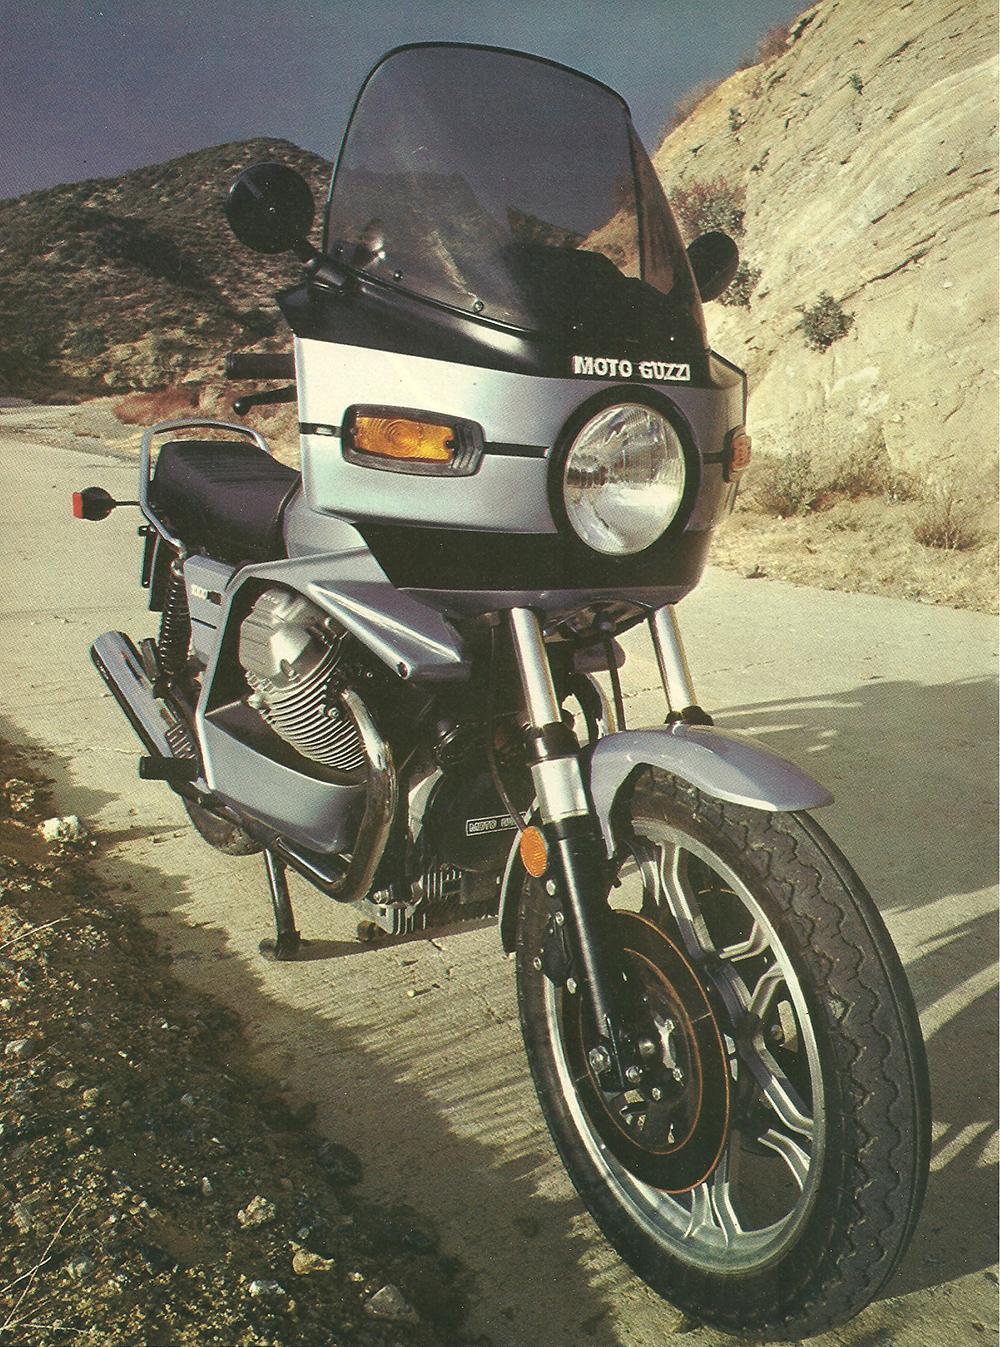 1979 Moto Guzzi 1000 SP road test 03.jpg